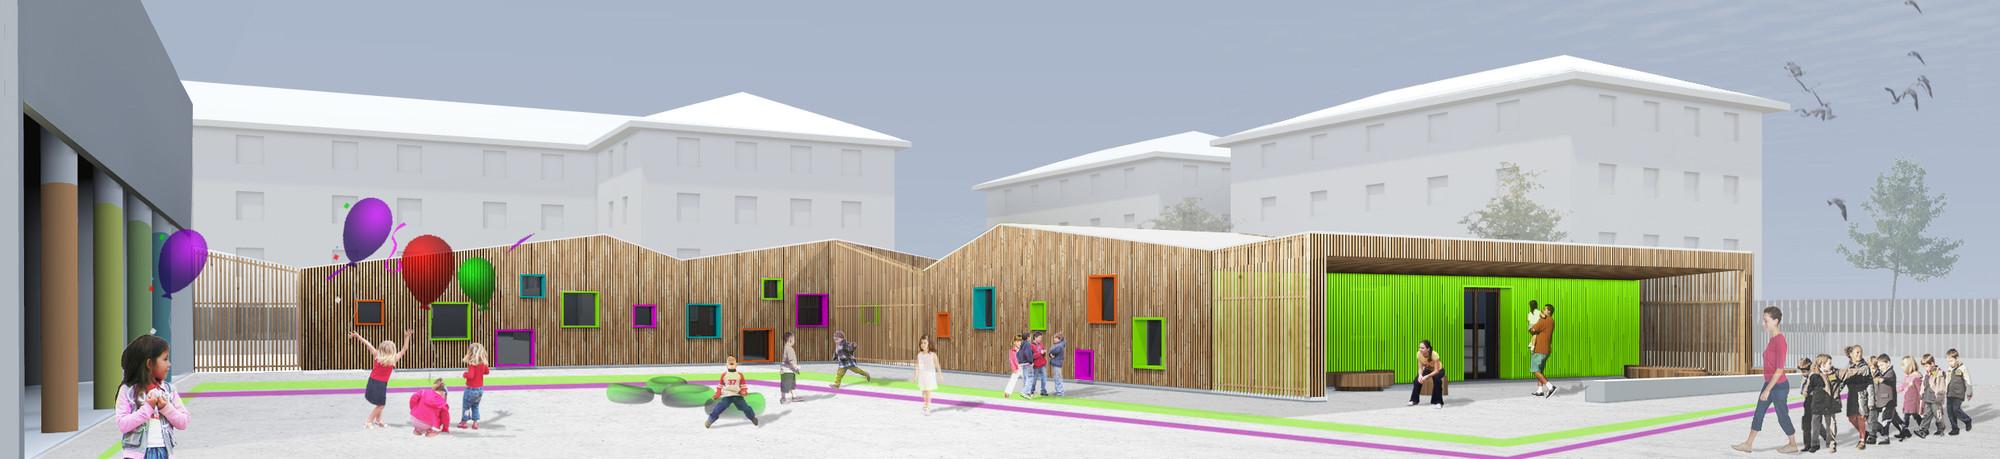 Edificio de educaci n infantil y haurreskola hiribarren for Planos mobiliario escolar peru